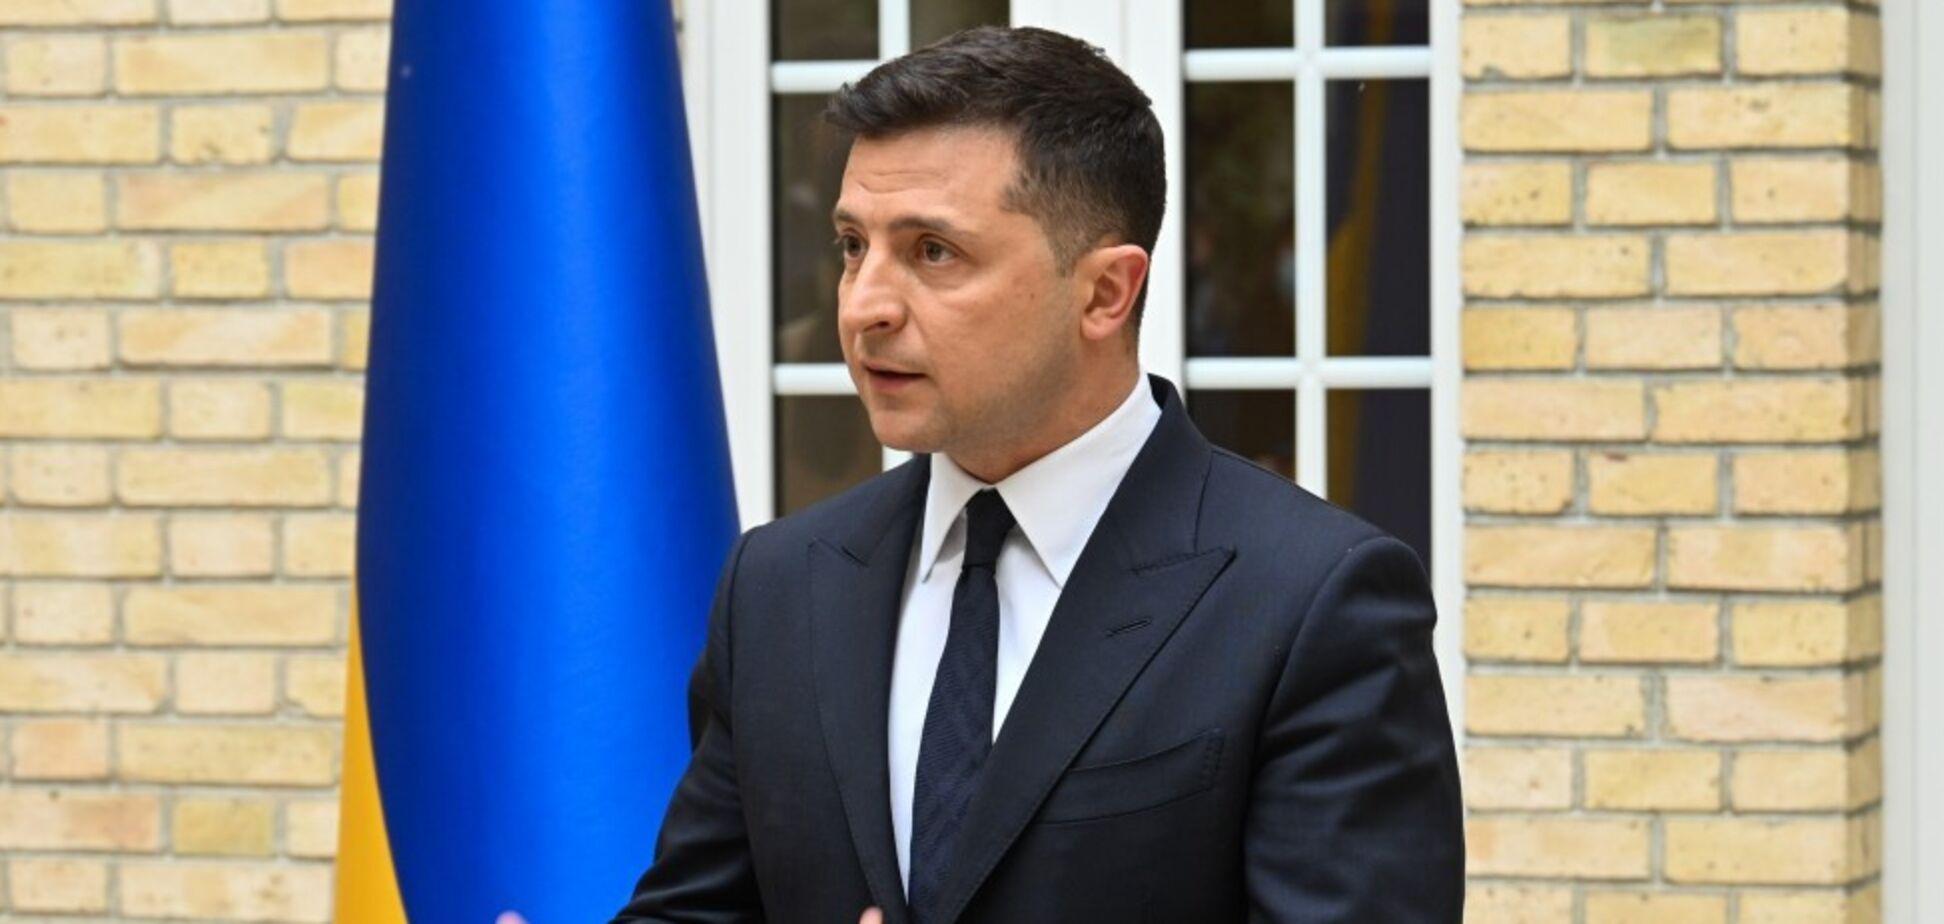 Зеленский: только вступление Украины в НАТО может гарантировать безопасность и мир